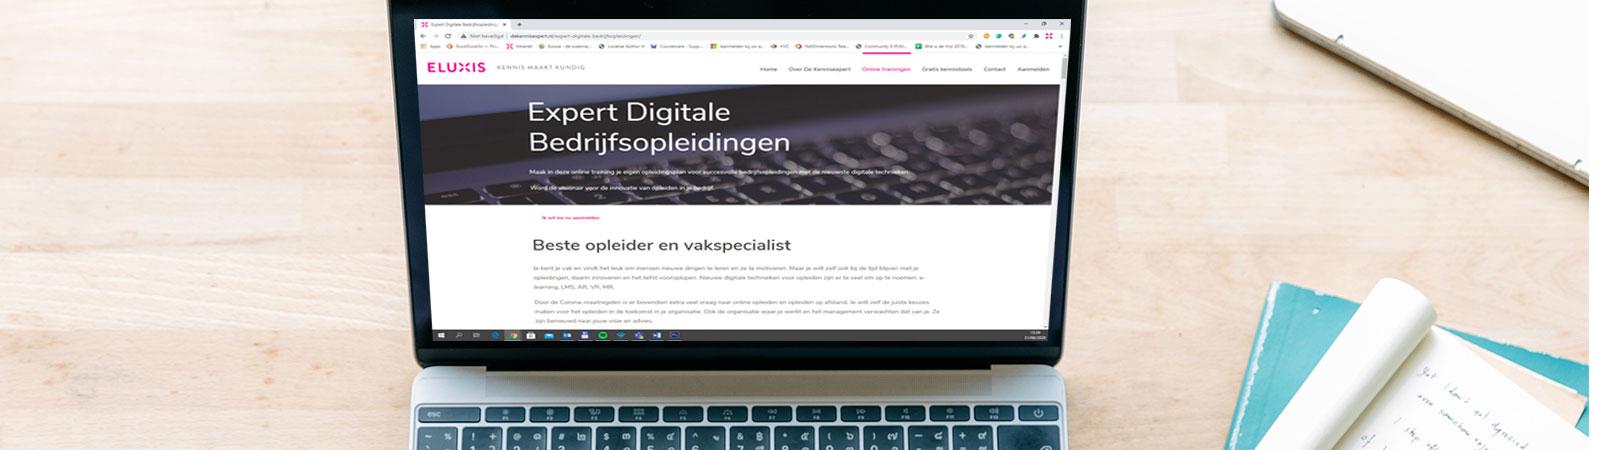 Expert digitale bedrijfsopleidingen